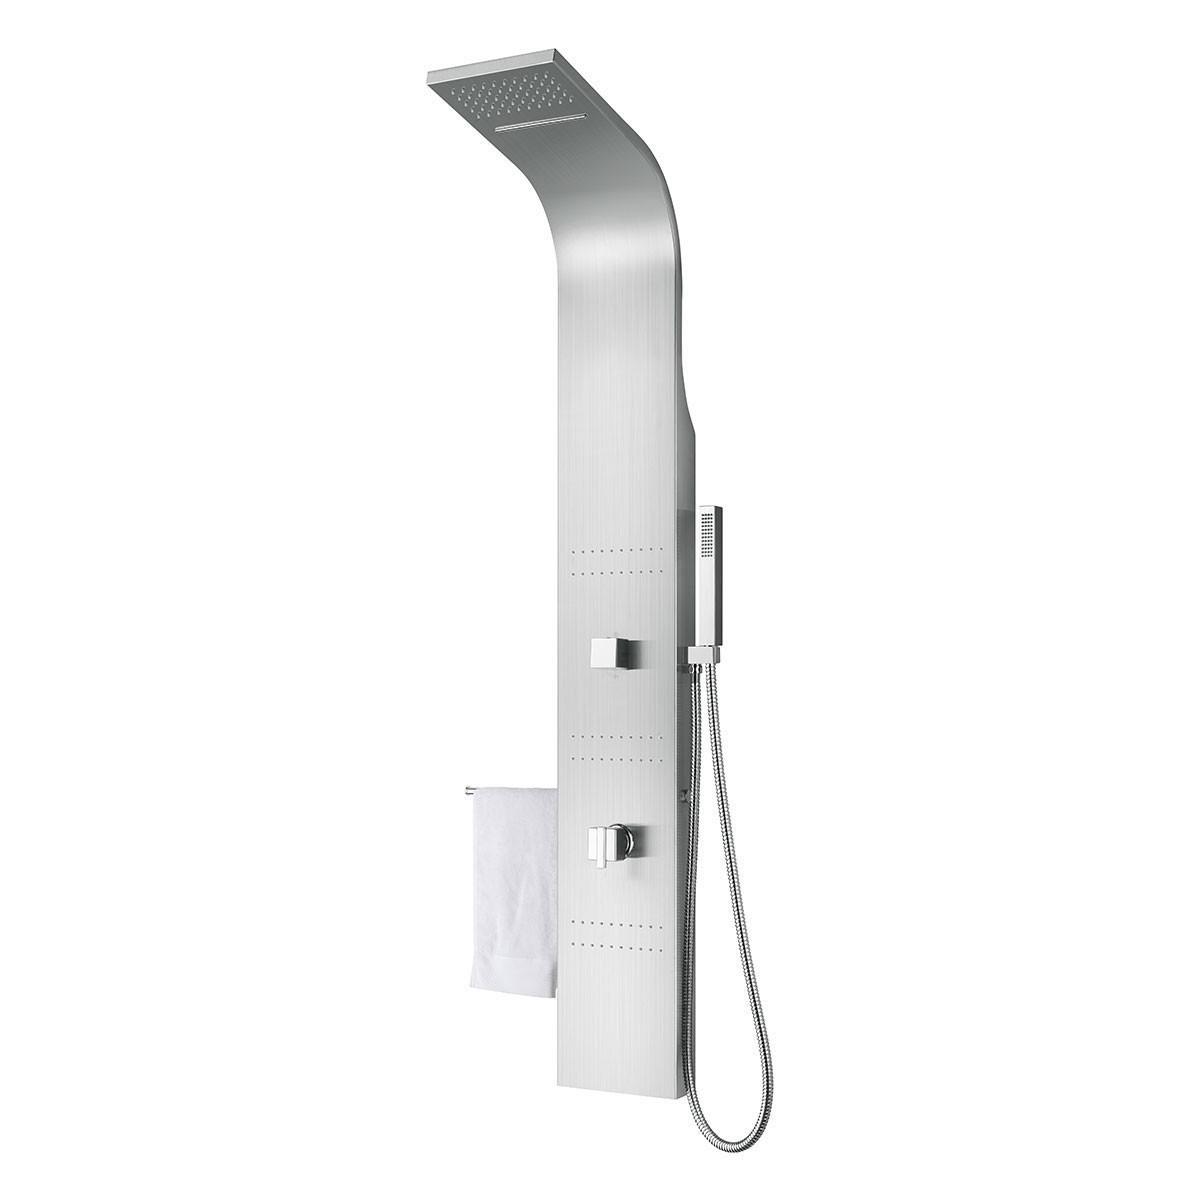 Panneau de douche thermostatique en acier inoxydable brossé (JX-98101)